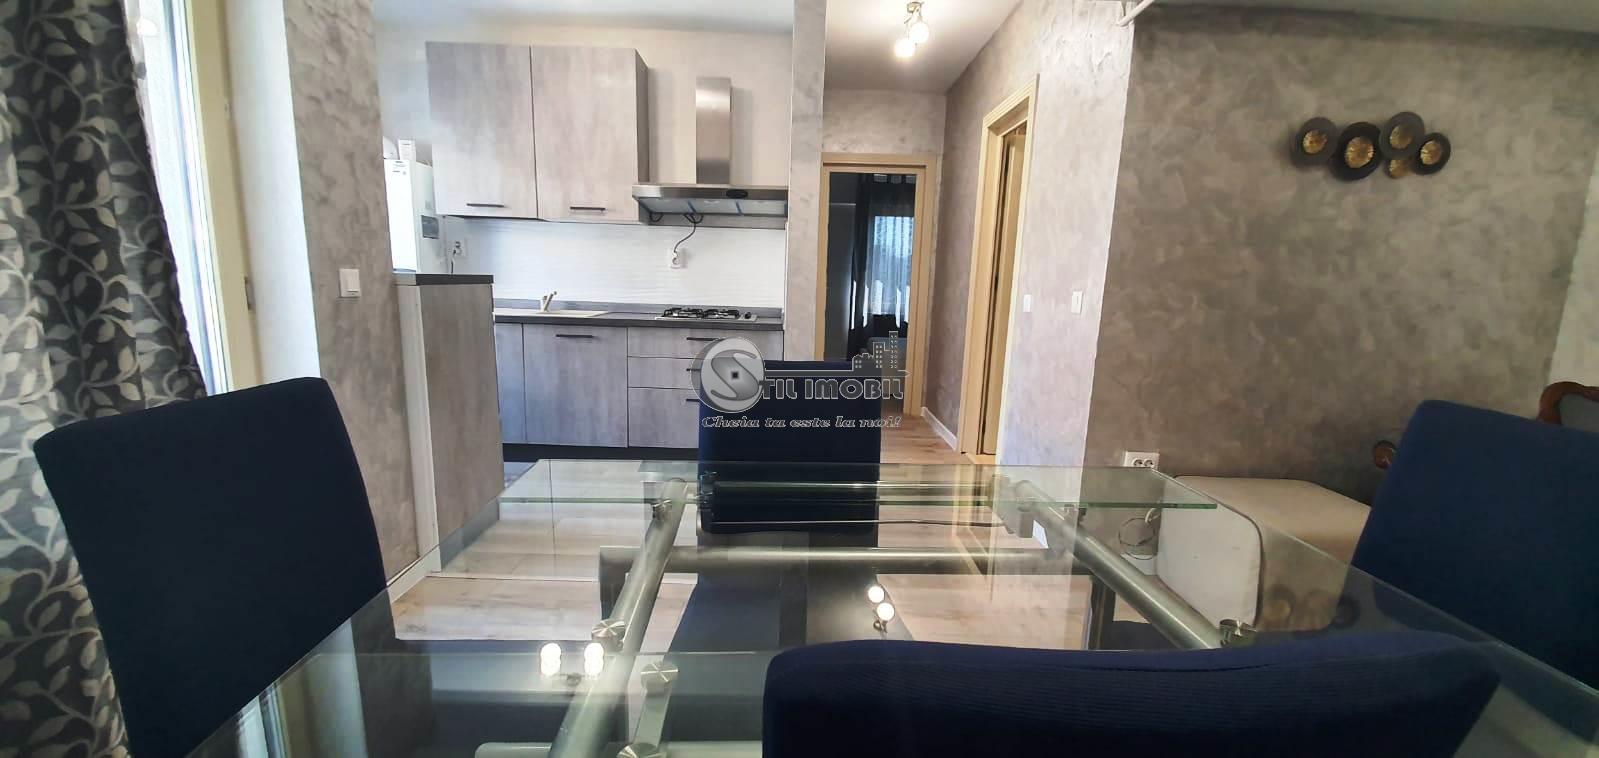 Apartament 3 camere + parcare subterana Roua Residence